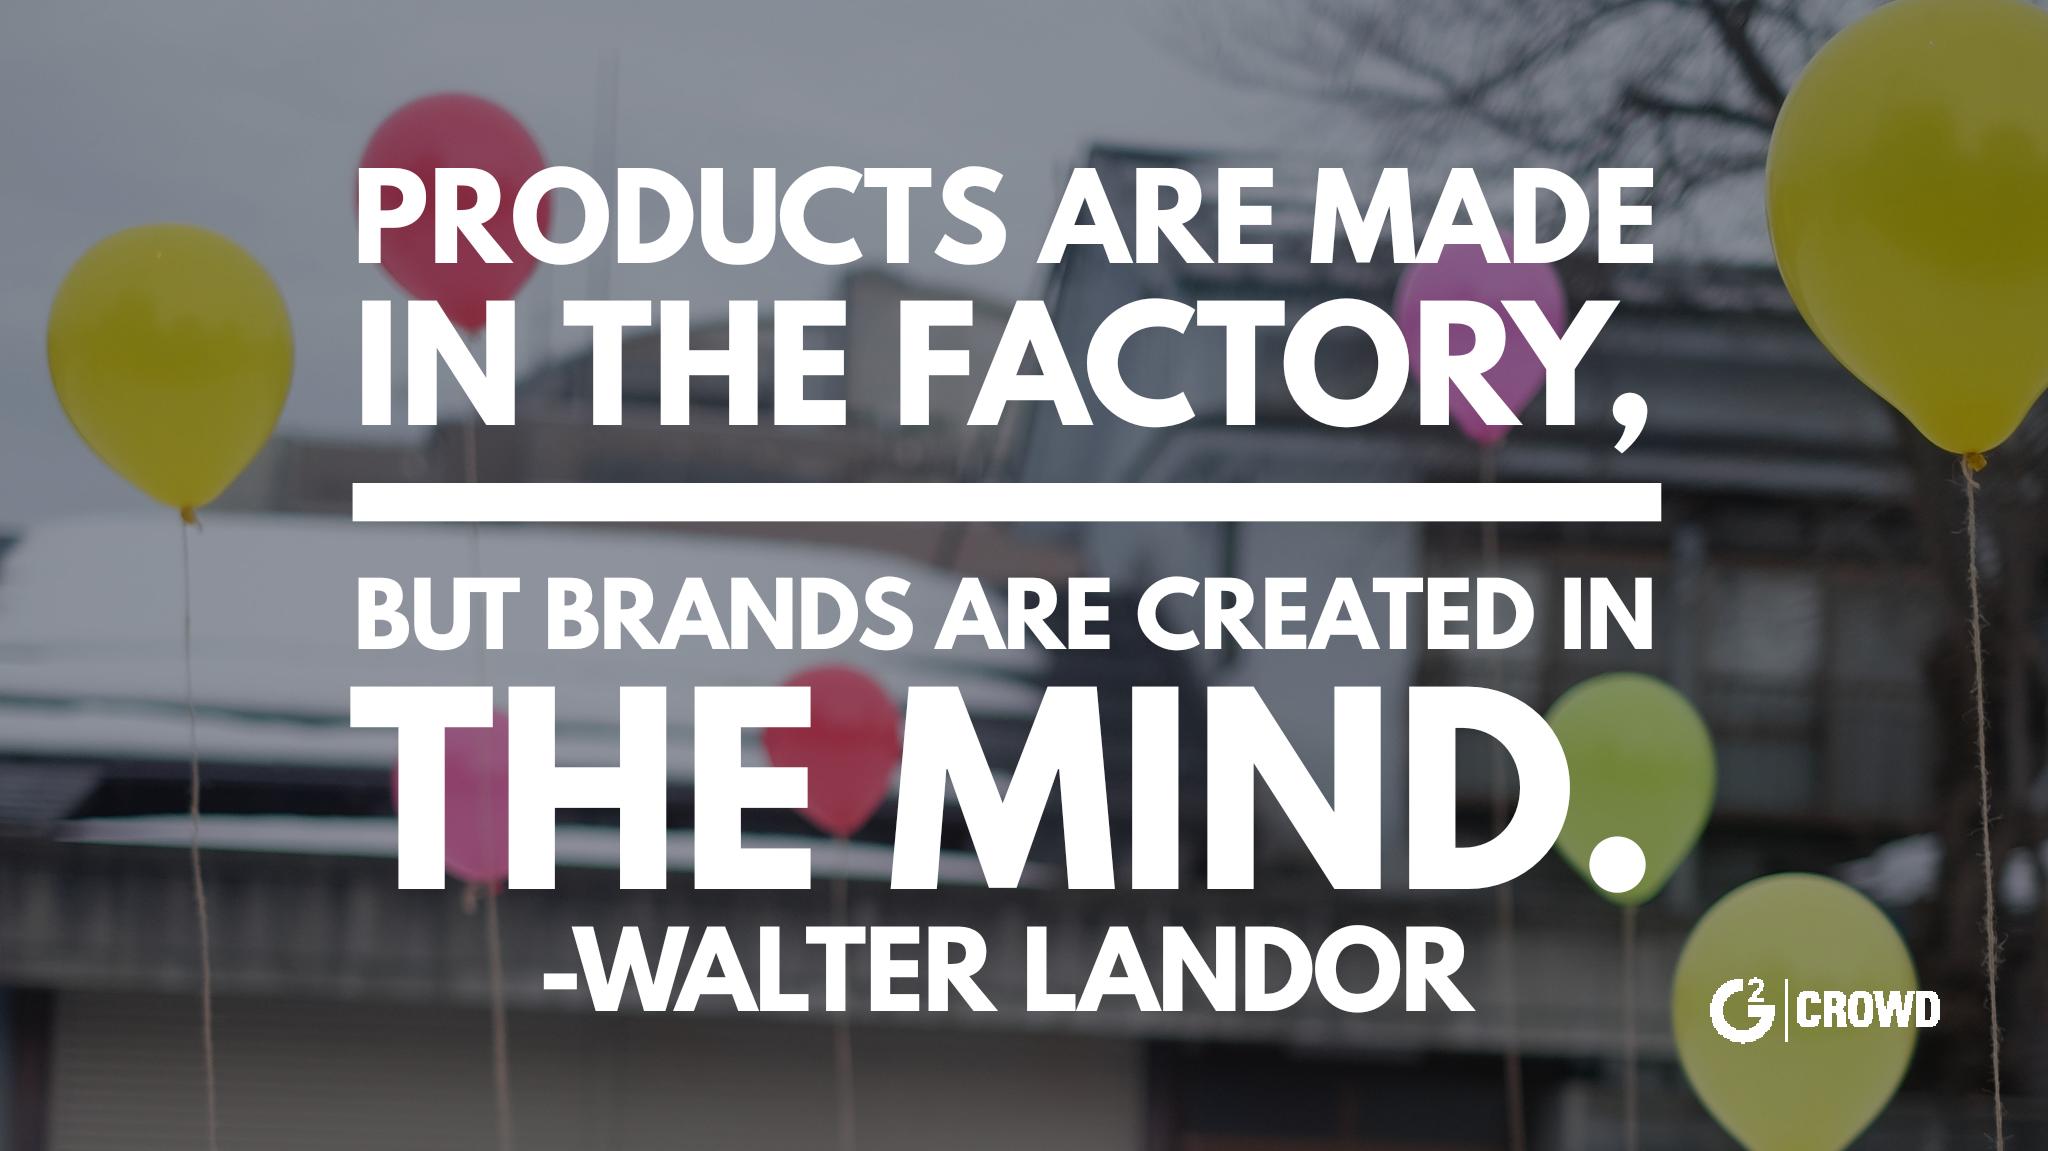 branding-quote